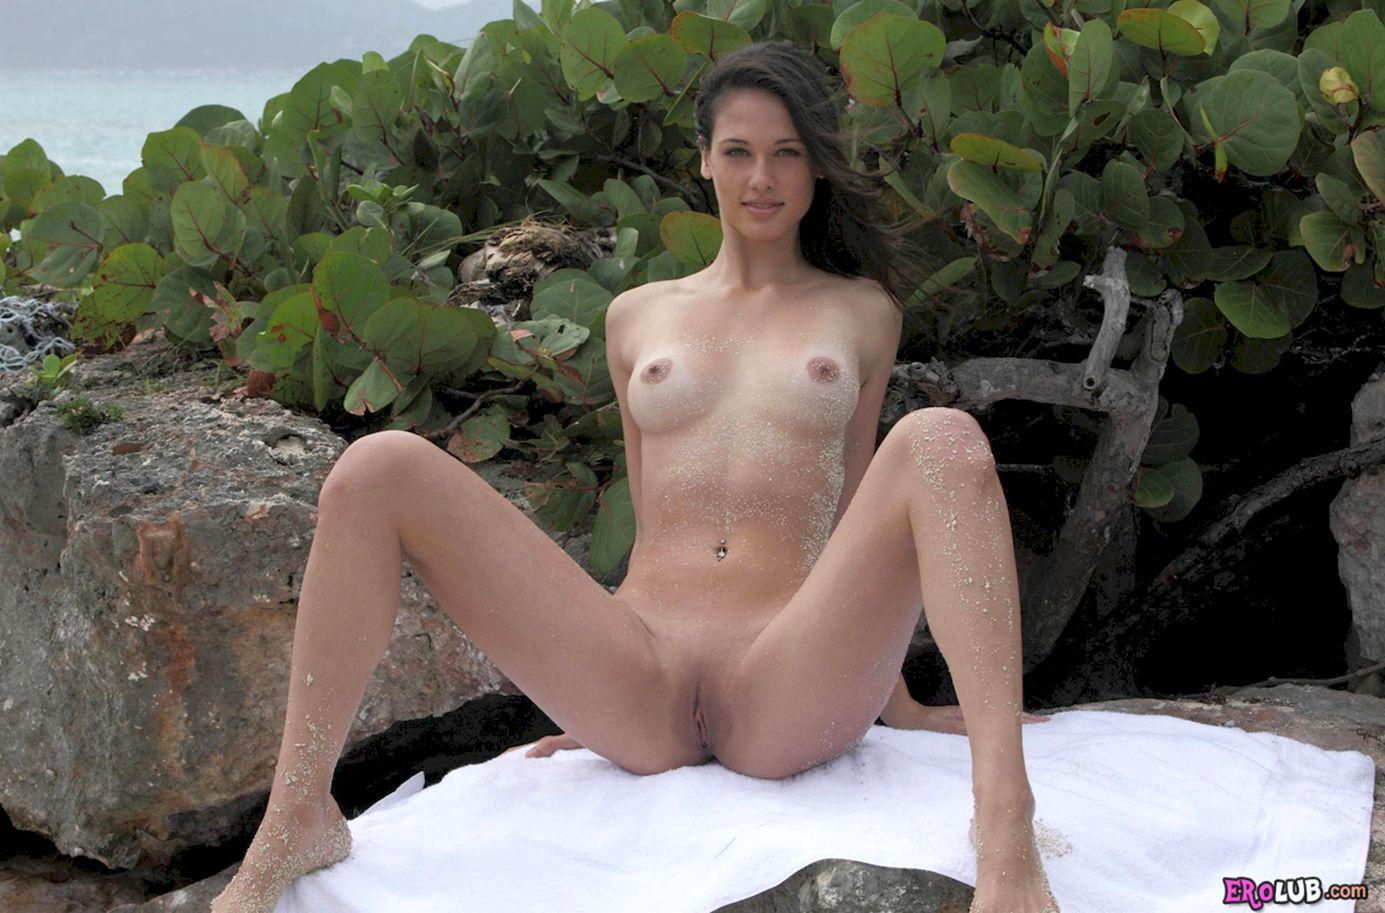 Порно Mofos смотреть онлайн бесплатно в хорошем качестве hd